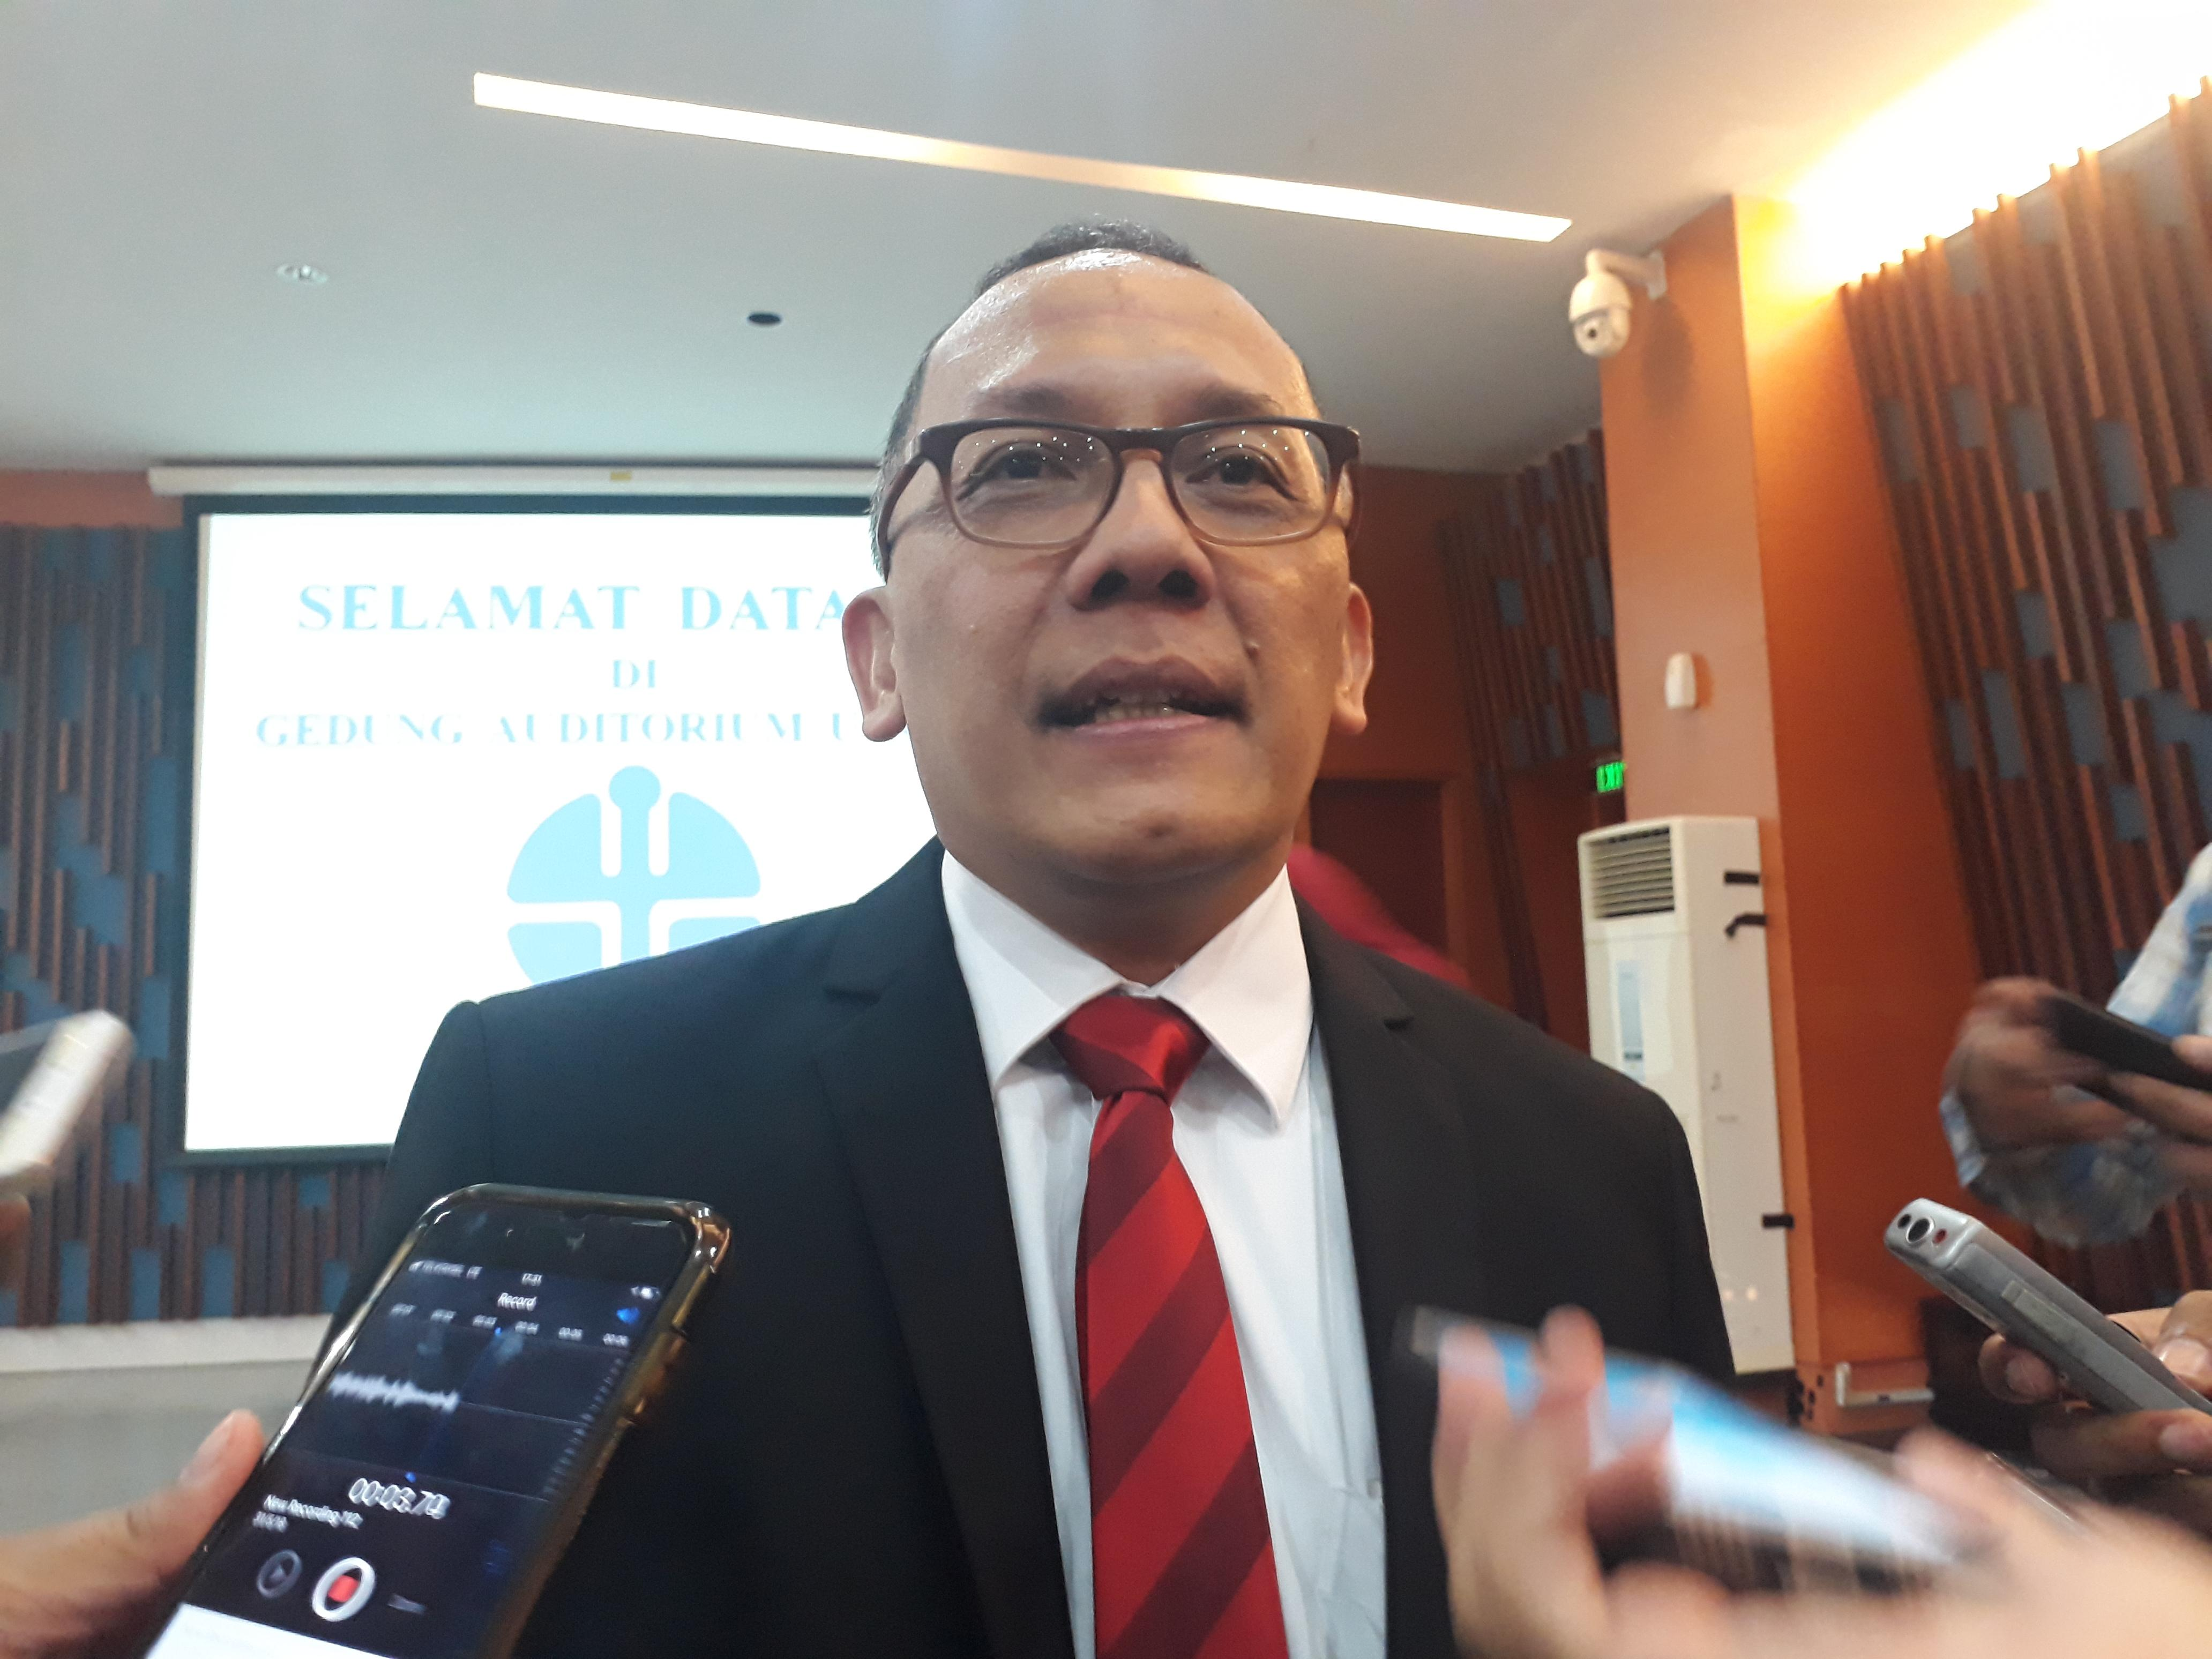 Viện trưởng Tri Handoko là trung tâm của các bất ổn nội bộ xoay quanh chính sách cải tổ Viện Khoa học Indonesia ông đề ra đầu năm nay. Nguồn: LIPI.